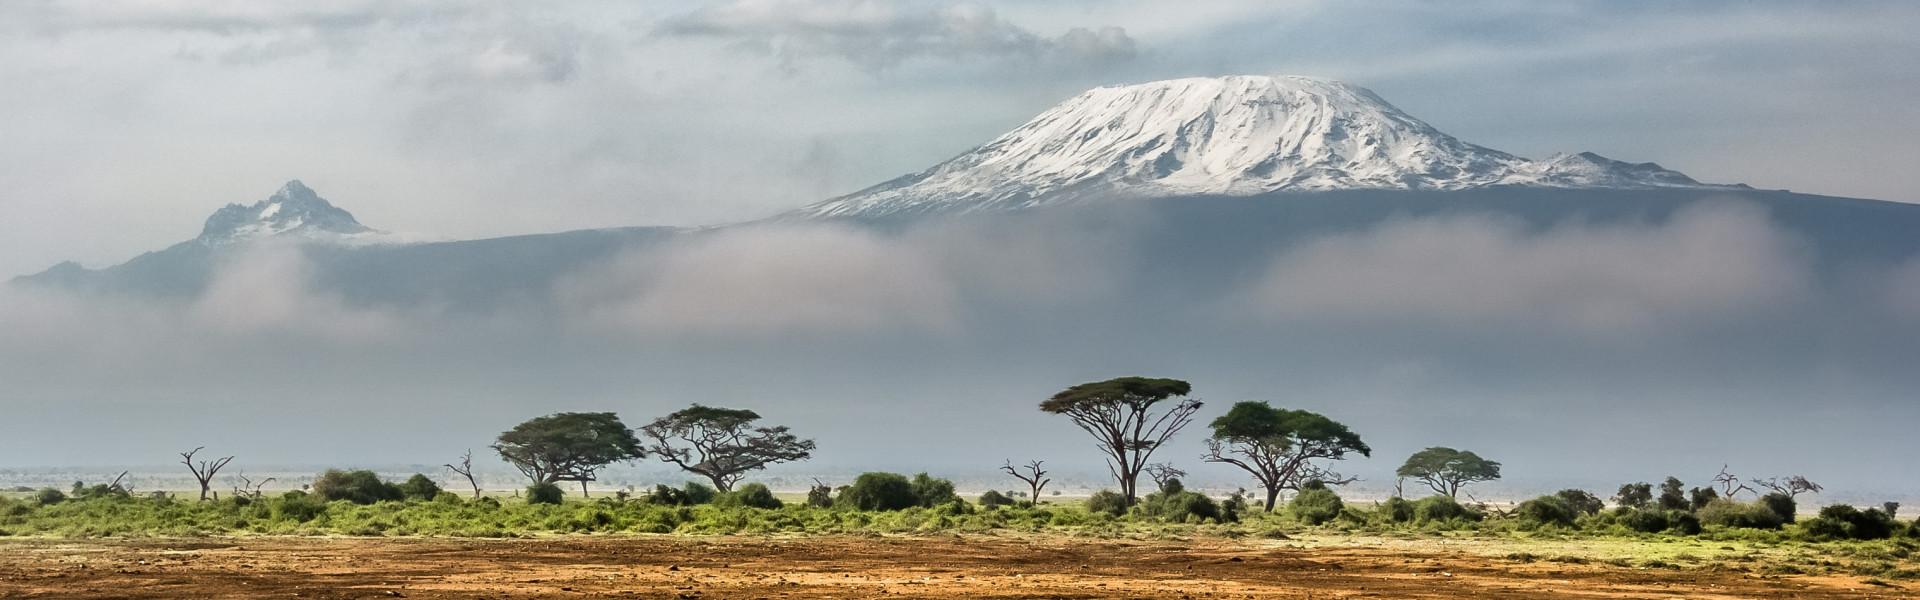 Destination image of Afrique australe